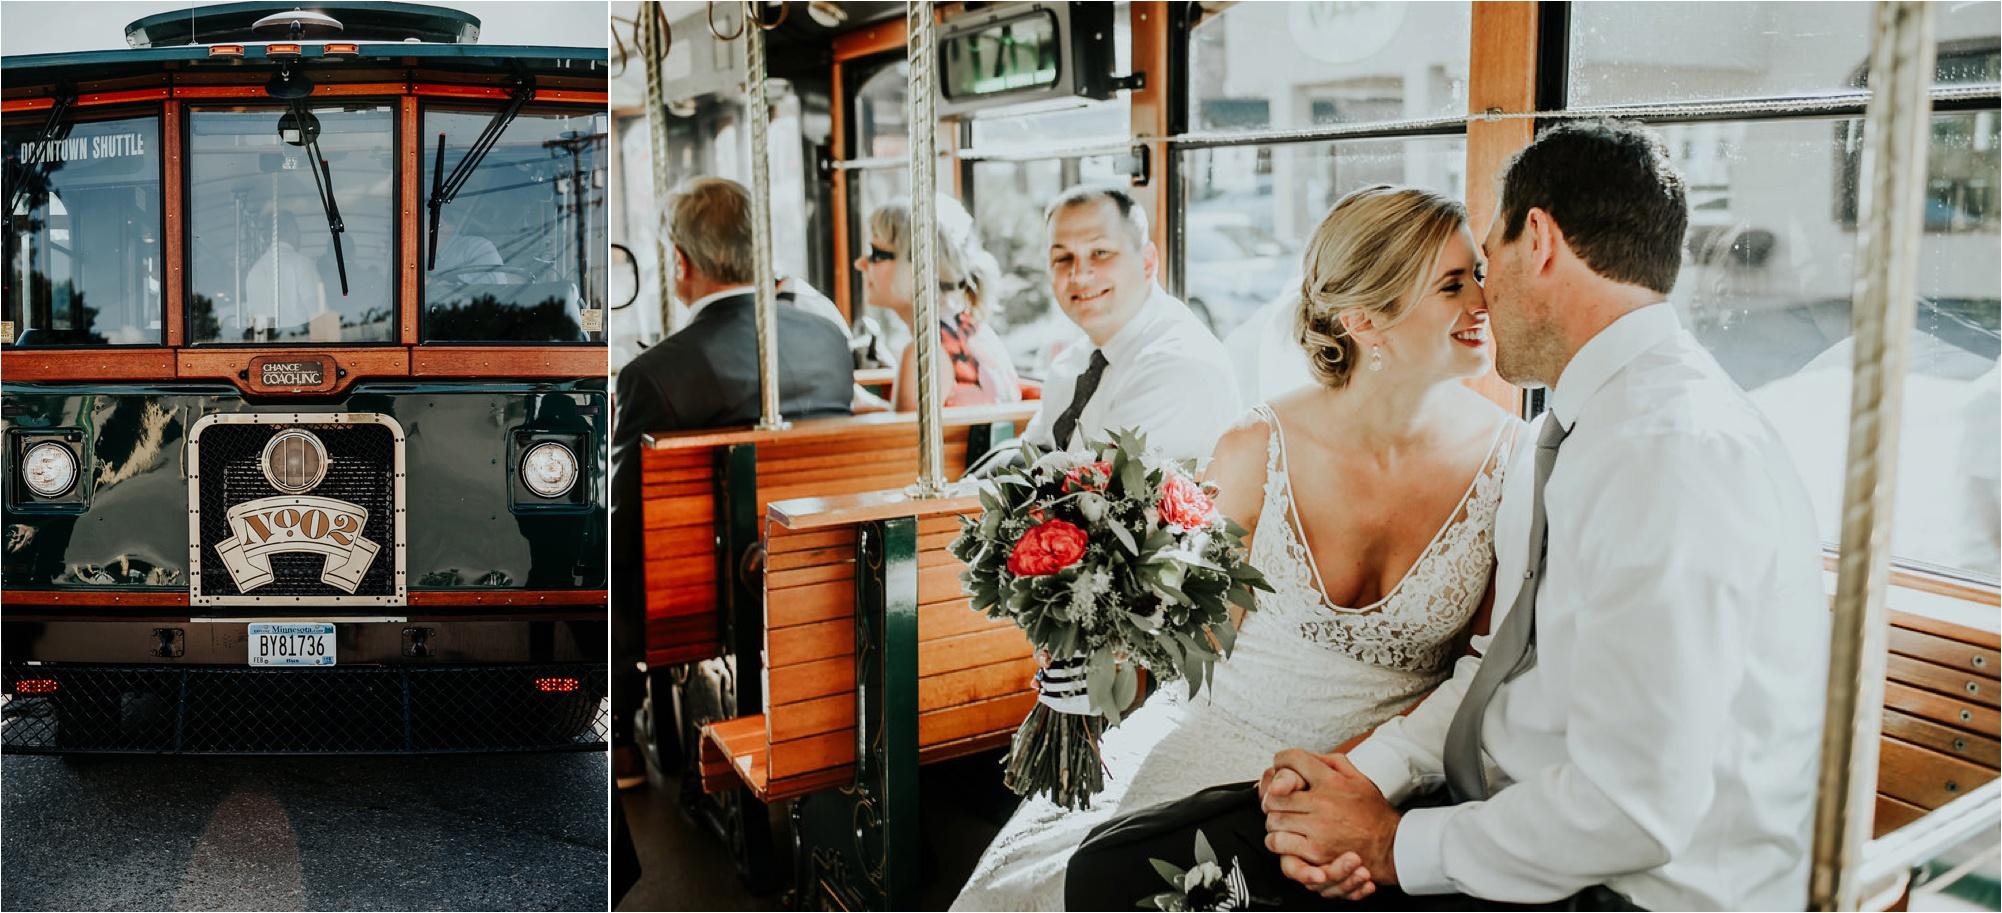 Noerenberg+Gardens+Pique+Travel+Excelsior+Wedding_2235.jpg